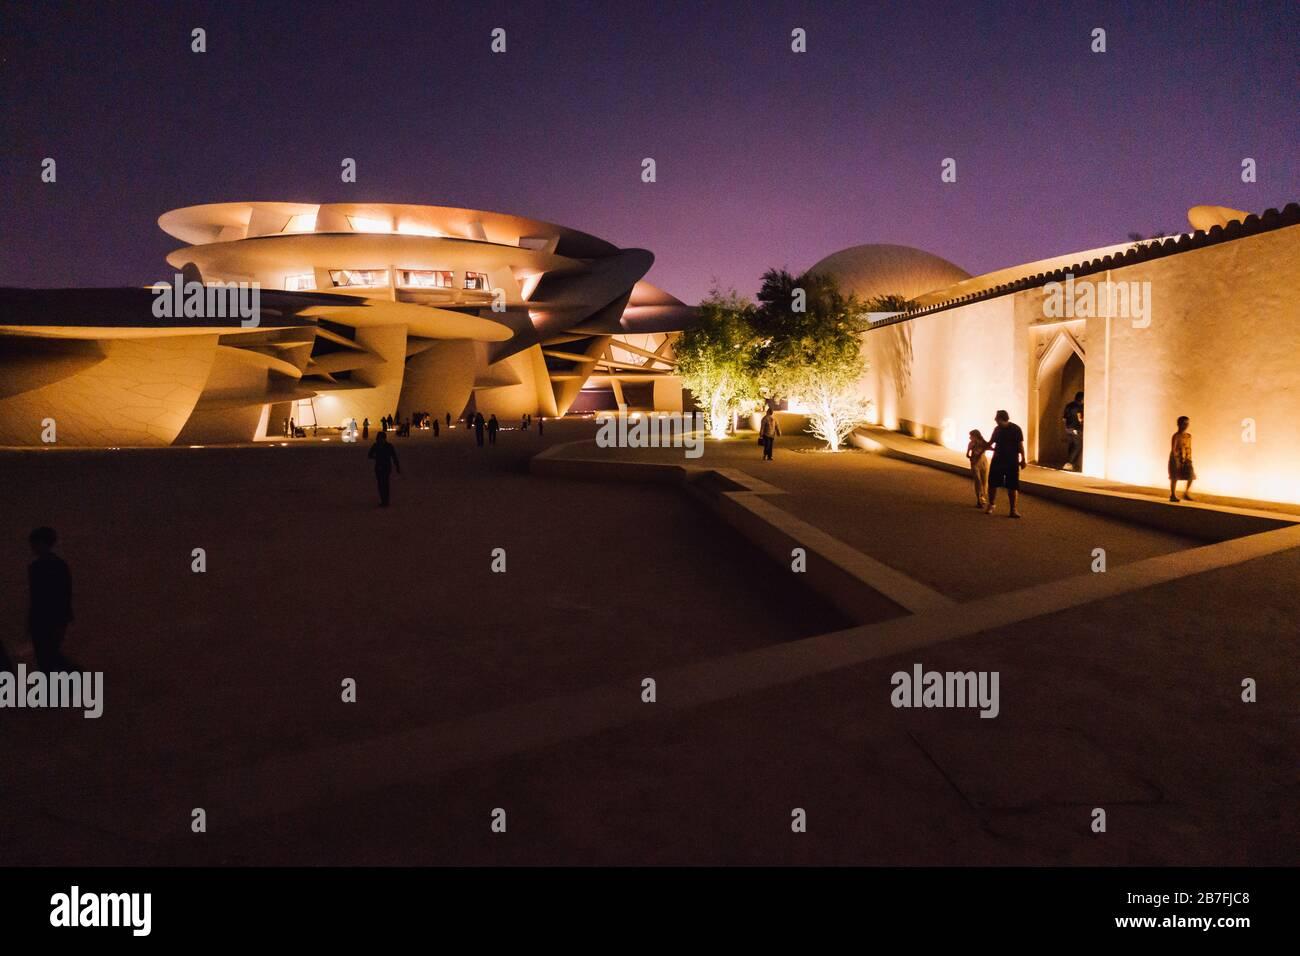 Nachtaufnahme des Nationalmuseums von Katar mit seinem markanten, auf Scheiben basierenden Design in Doha, Katar Stockfoto